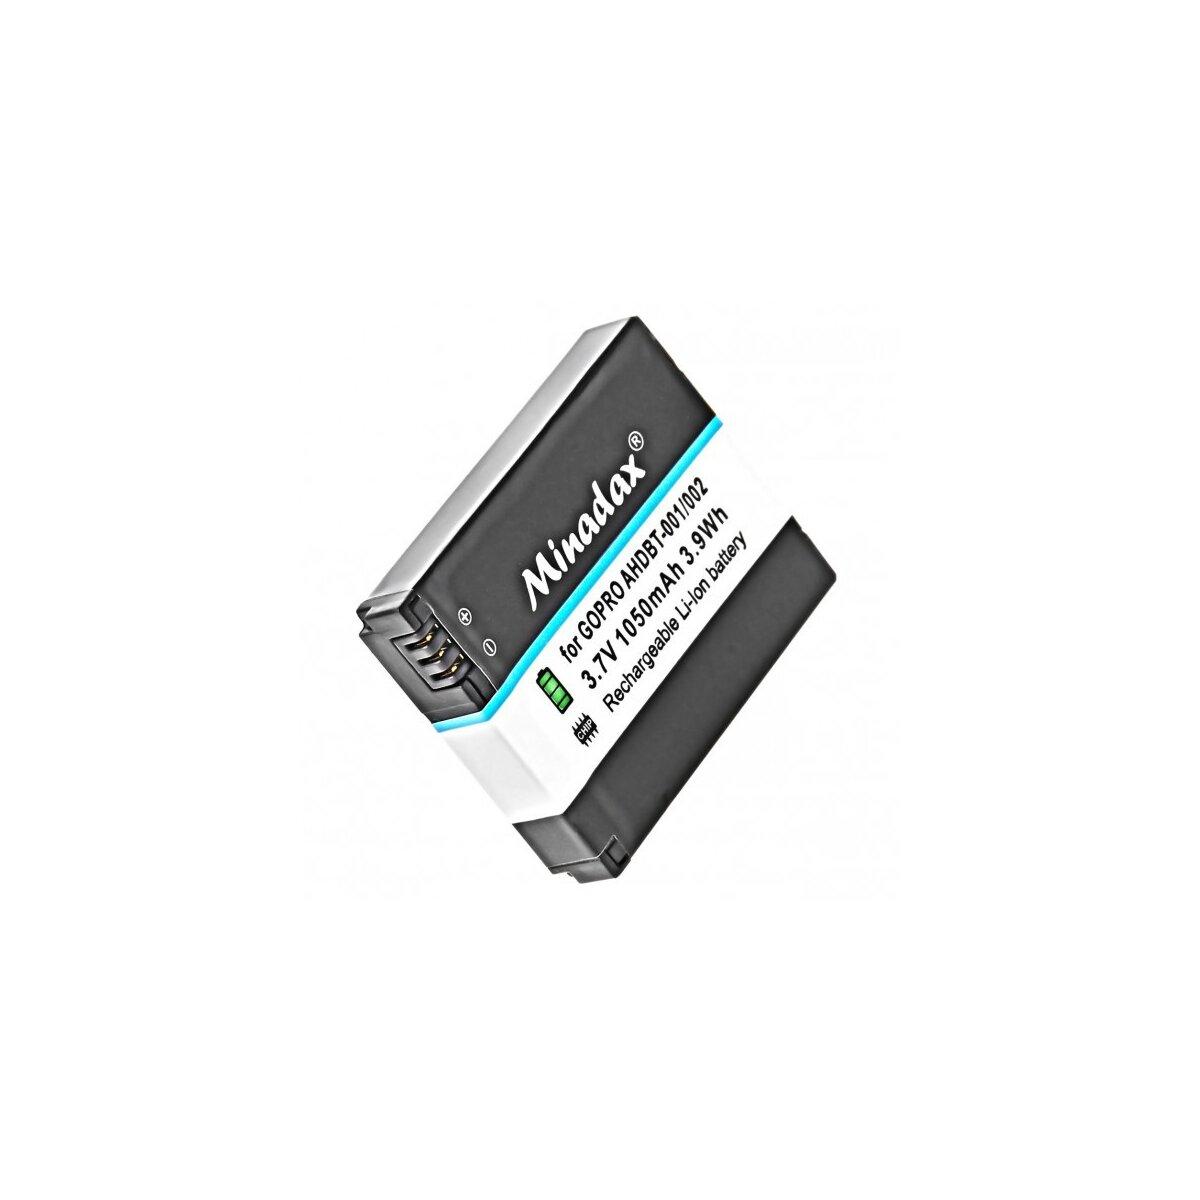 Minadax Qualitätsakku mit echten 900mAh kompatibel für GoPro Hero 3 / Hero 3+ Ersatz für  AHDBT-302 / AHDBT-301 / AHDBT-201 - Intelligentes Akkusystem mit Chip